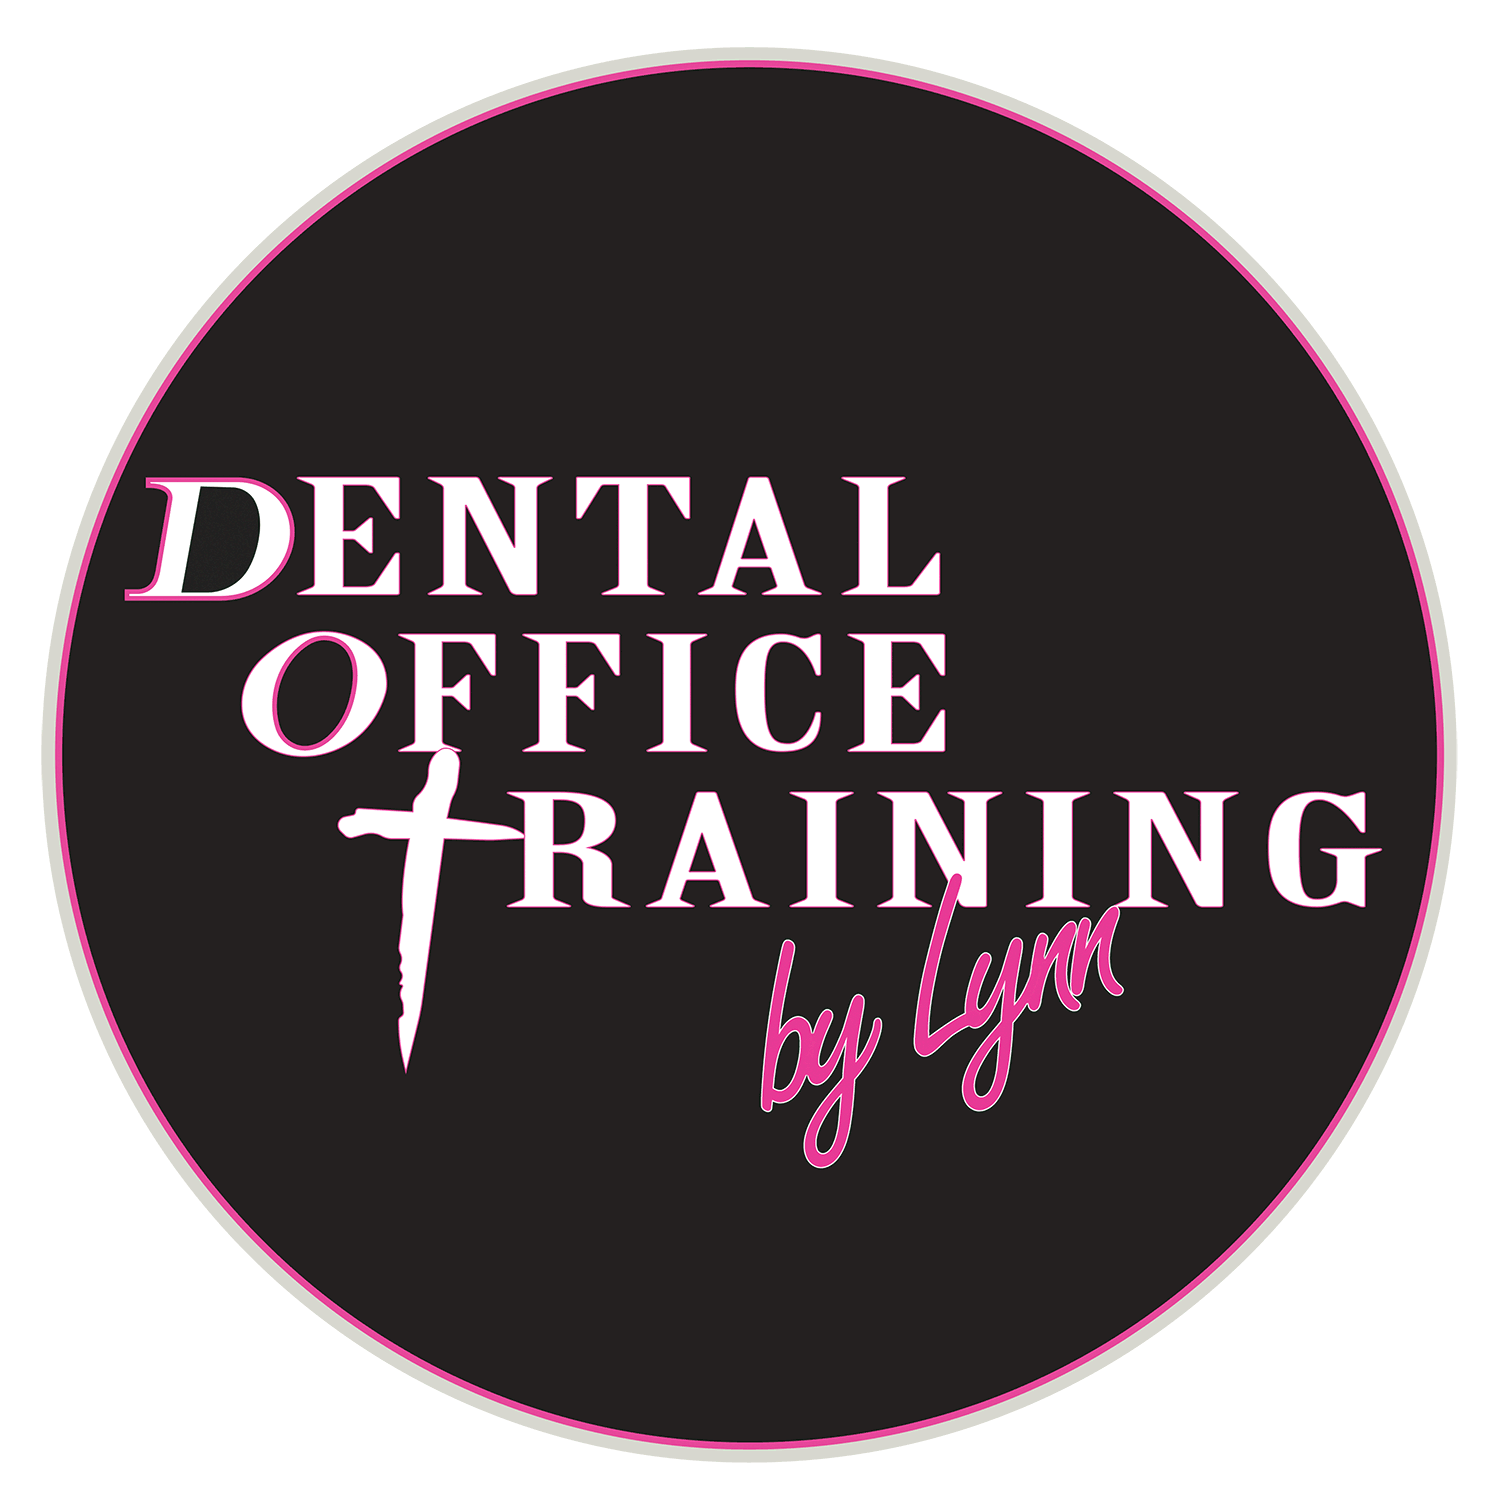 Office training by lynn dental office training by lynn xflitez Gallery